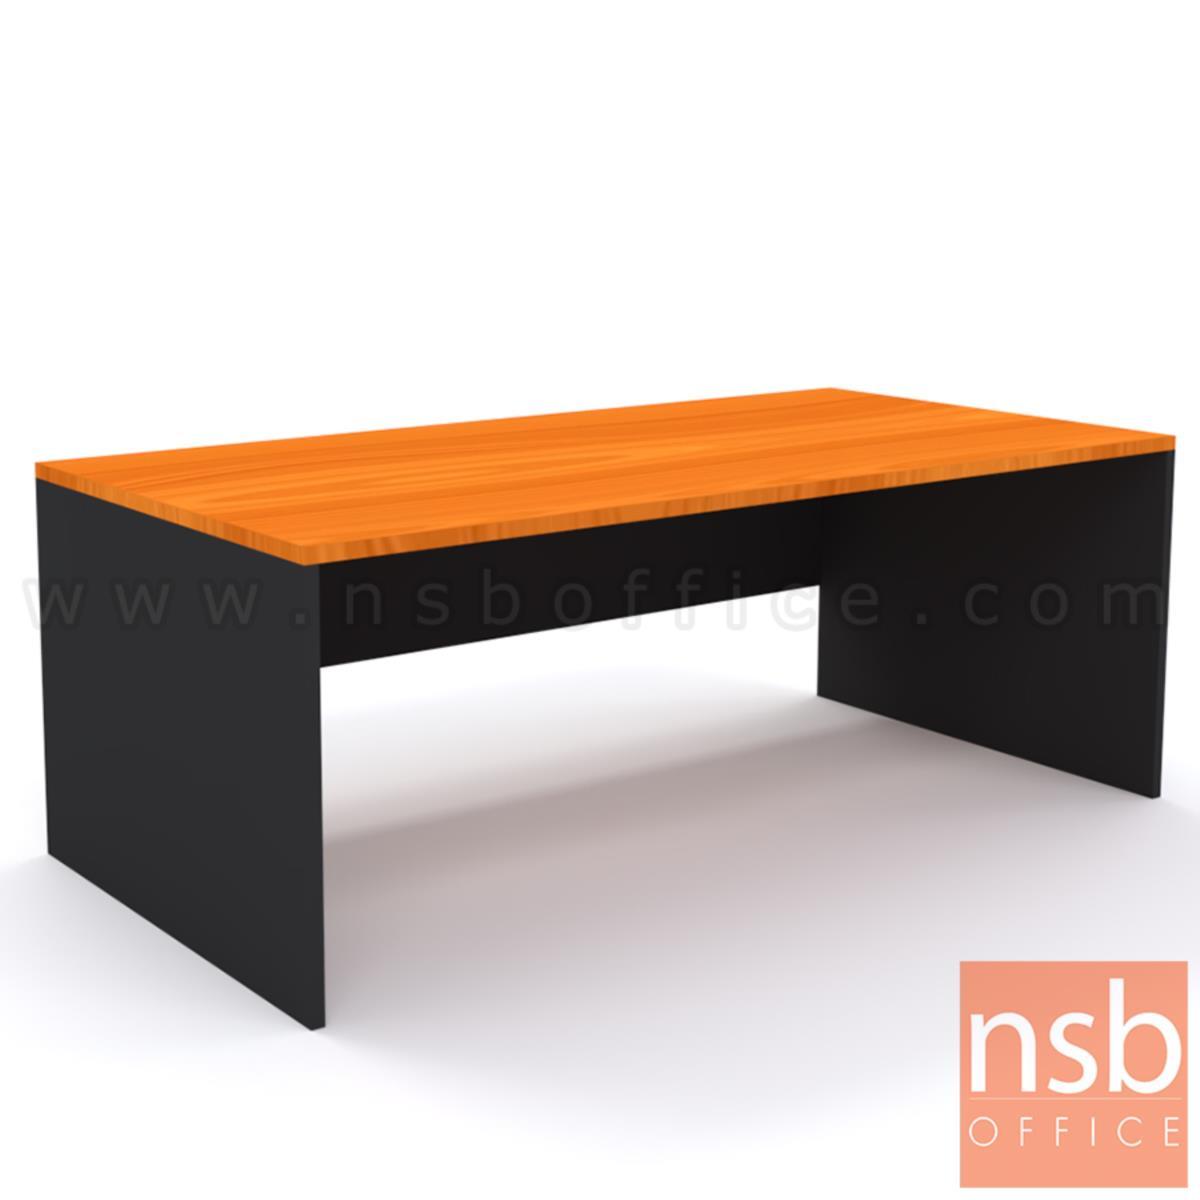 A13A006:โต๊ะผู้บริหารทรงสี่เหลี่ยมใหญ่พิเศษ  ขนาด 200W cm. เมลามีน ขาโต๊ะมีปุ่มปรับระดับ